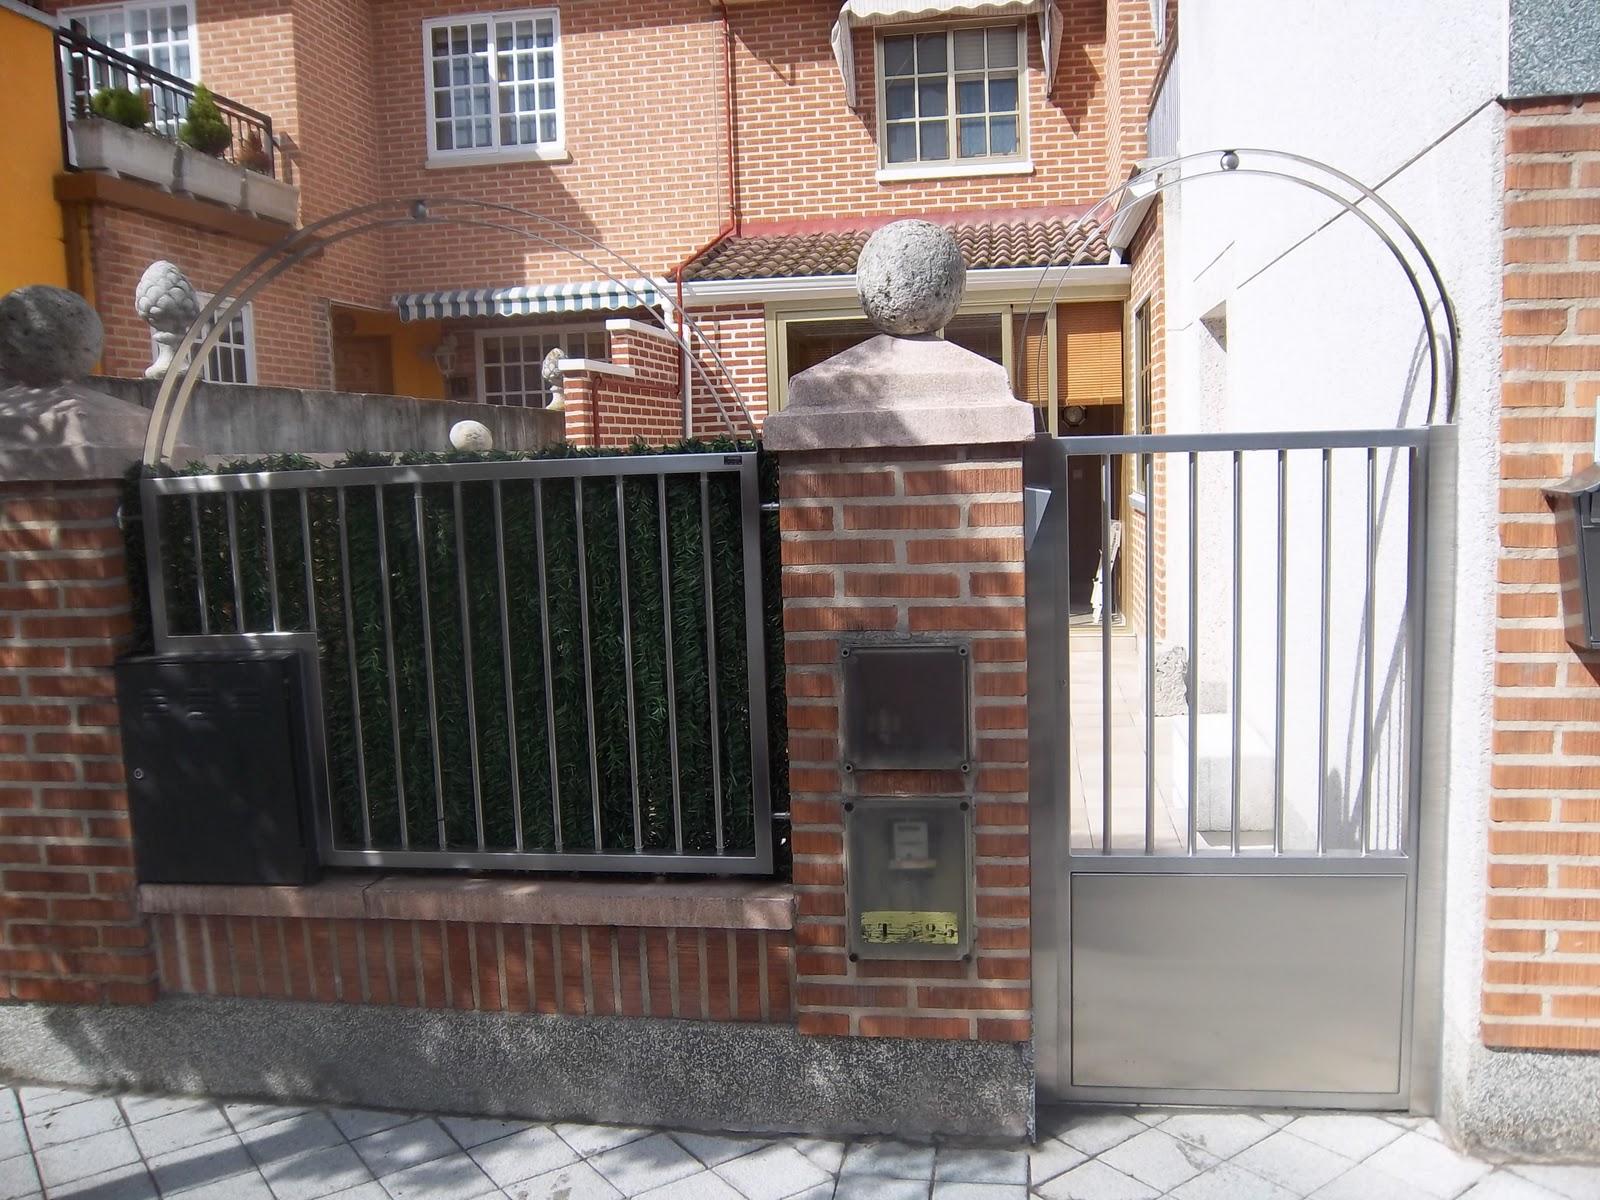 Norbel carpinteria met lica y acero inoxidable puerta for Puerta balcon